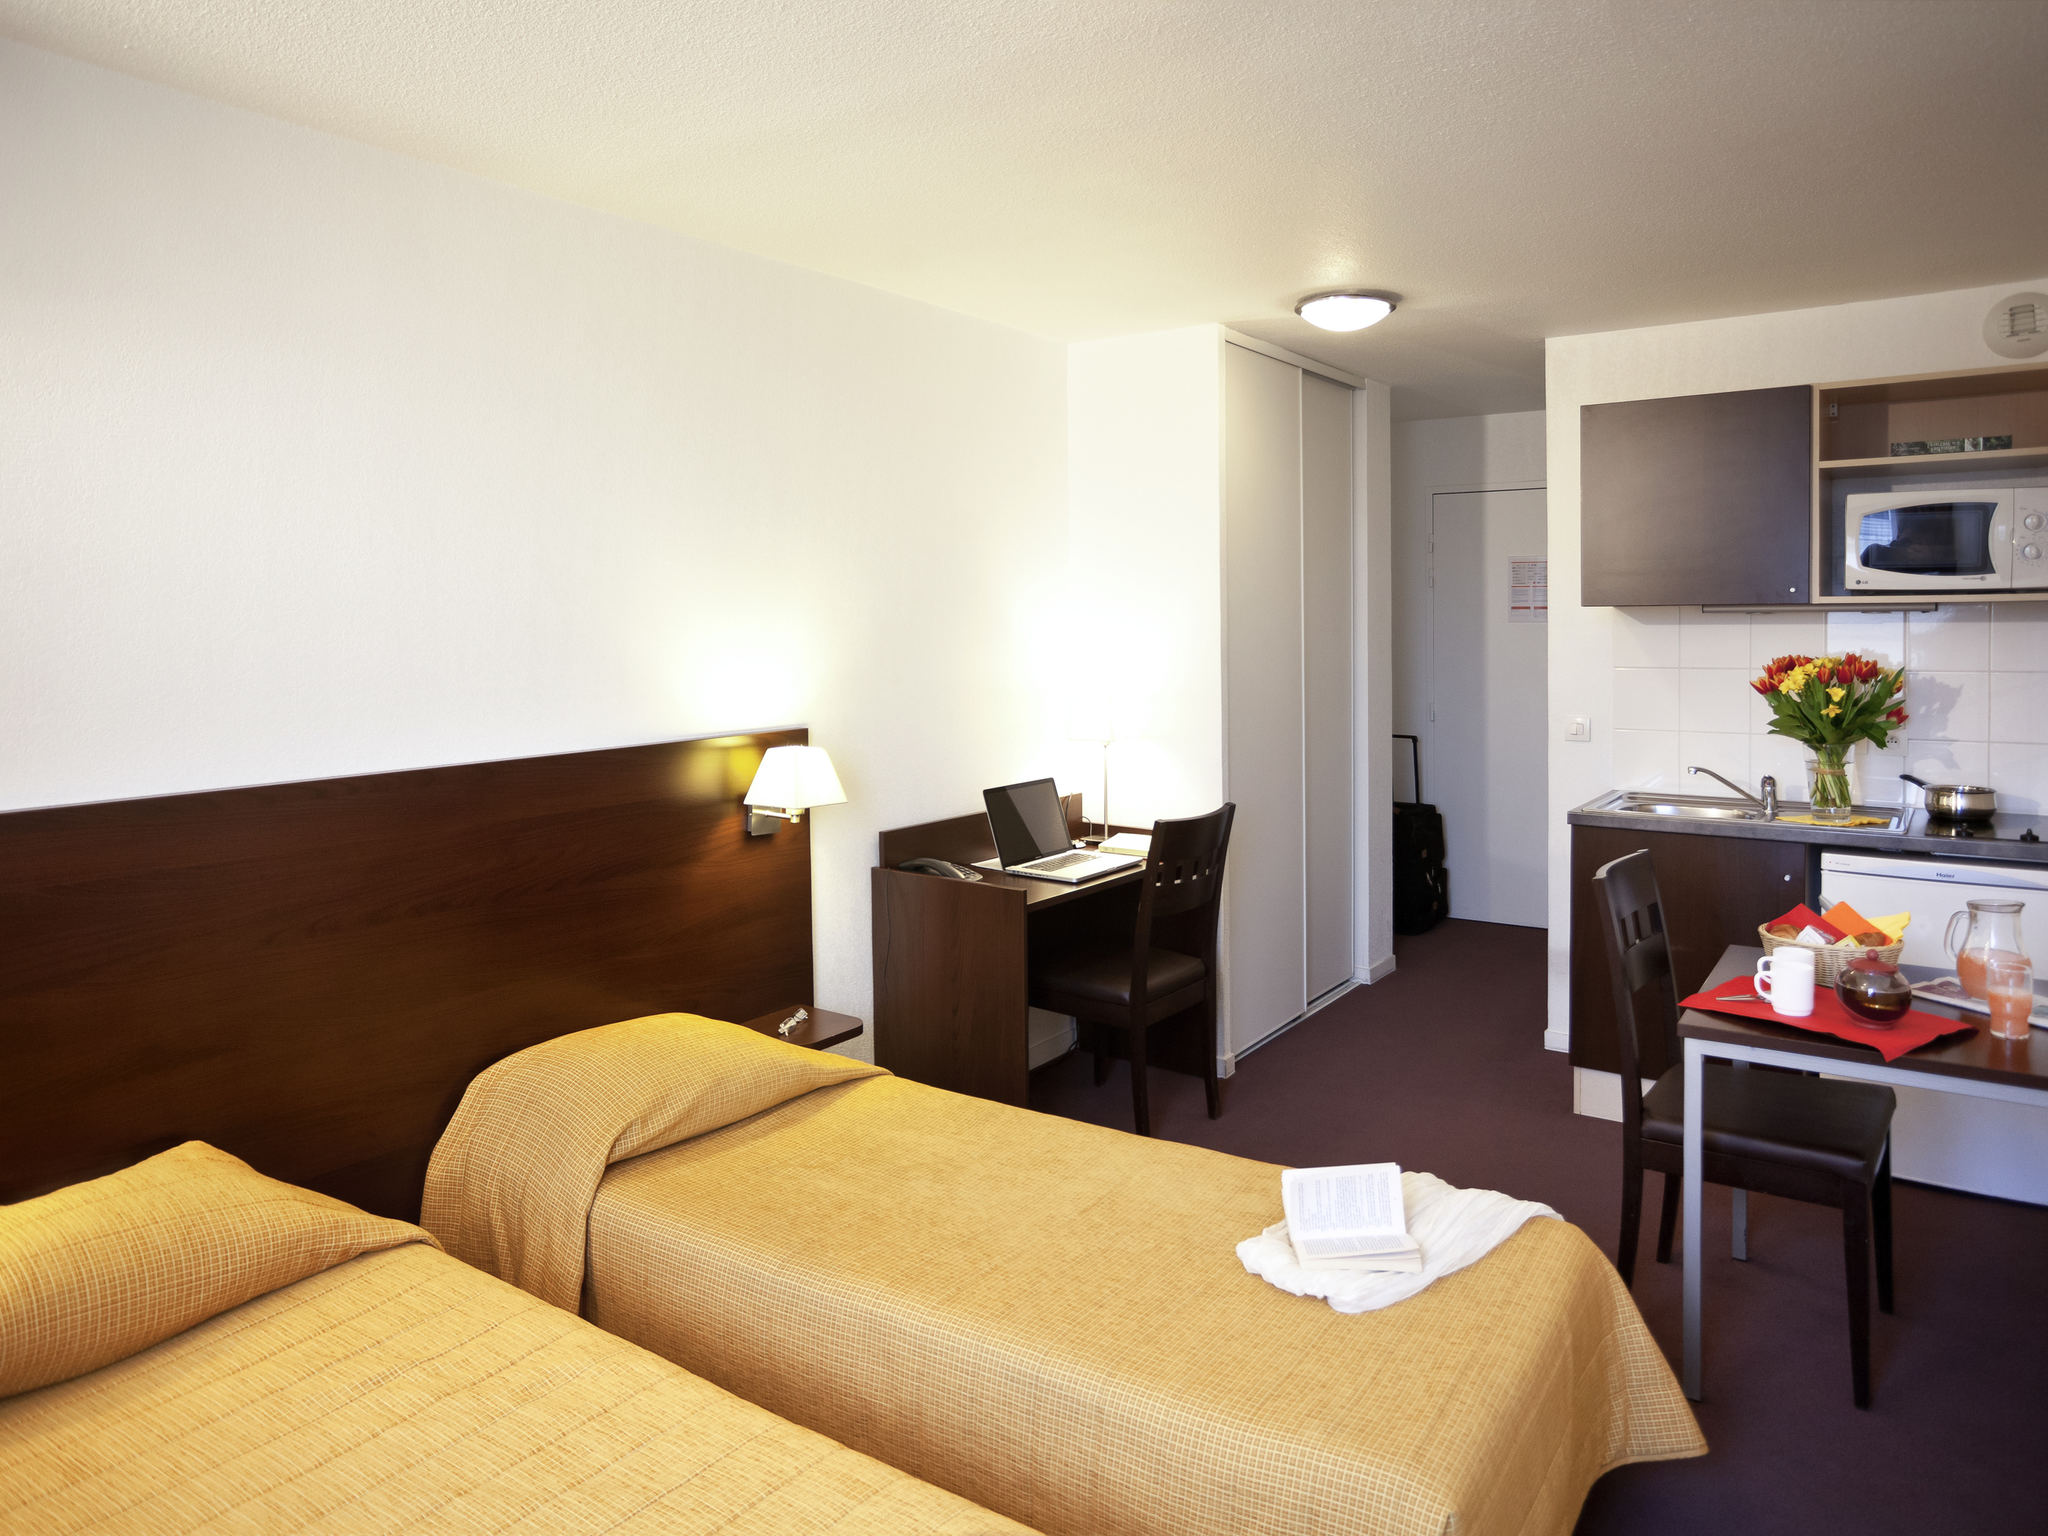 Hotel - Aparthotel Adagio access Paris Saint Denis Pleyel